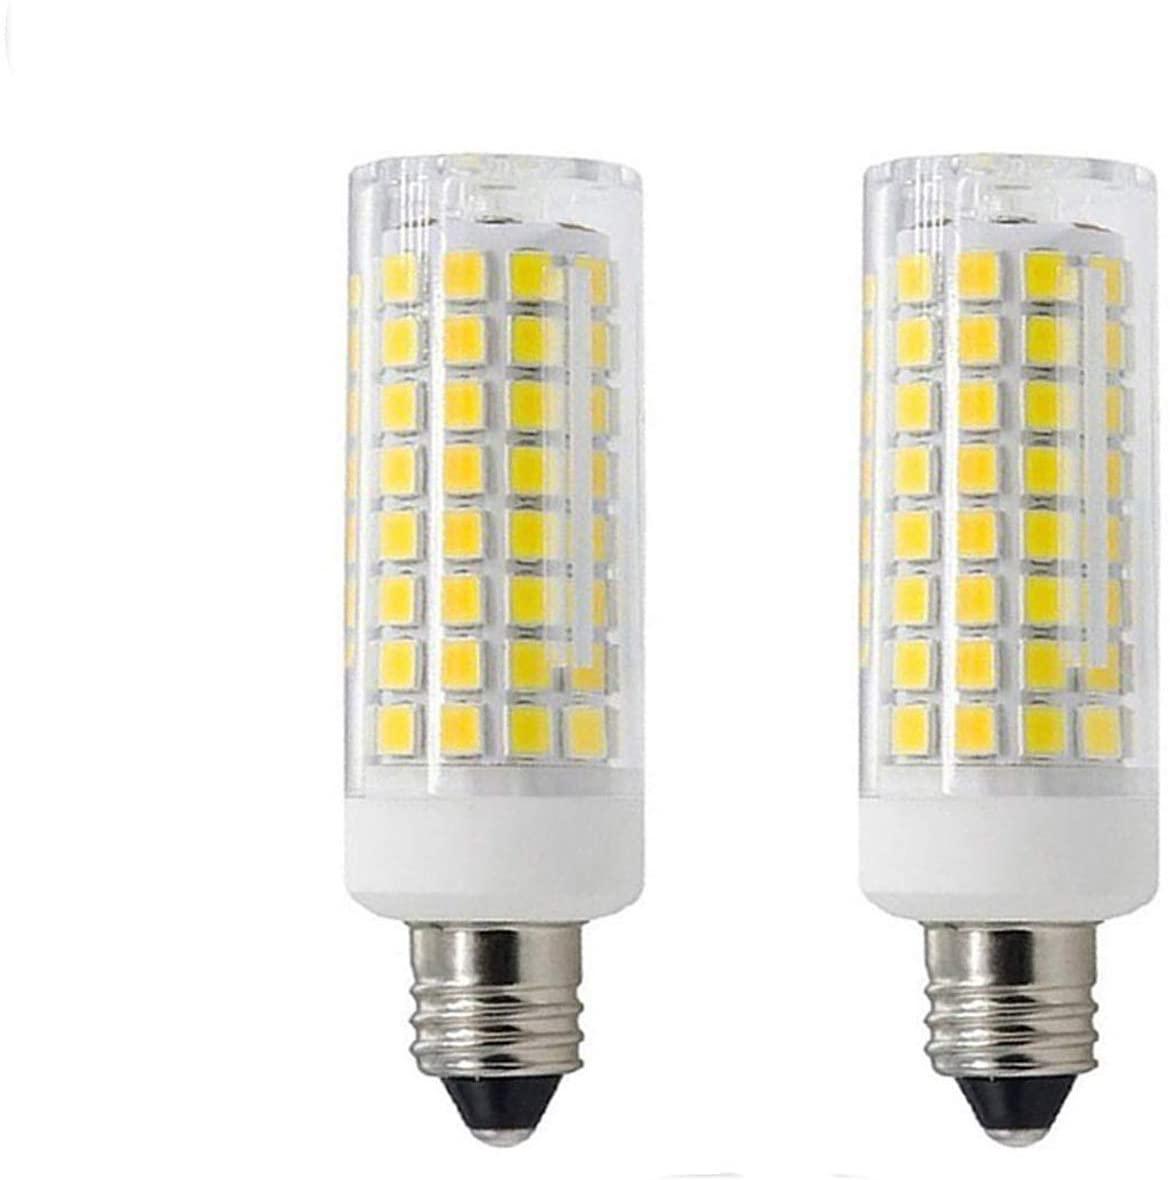 [2-Pack]E11 led Bulbs, All-New (102LEDs) Mini Dimmable Candelabra Base, T4 /T3 JD Type Clear E11 Light Bulbs,7.5 Watt, 75W 100W Halogen Bulbs Replacement,850 lumens, 110V, 120V, 130V, Daylight 6000K